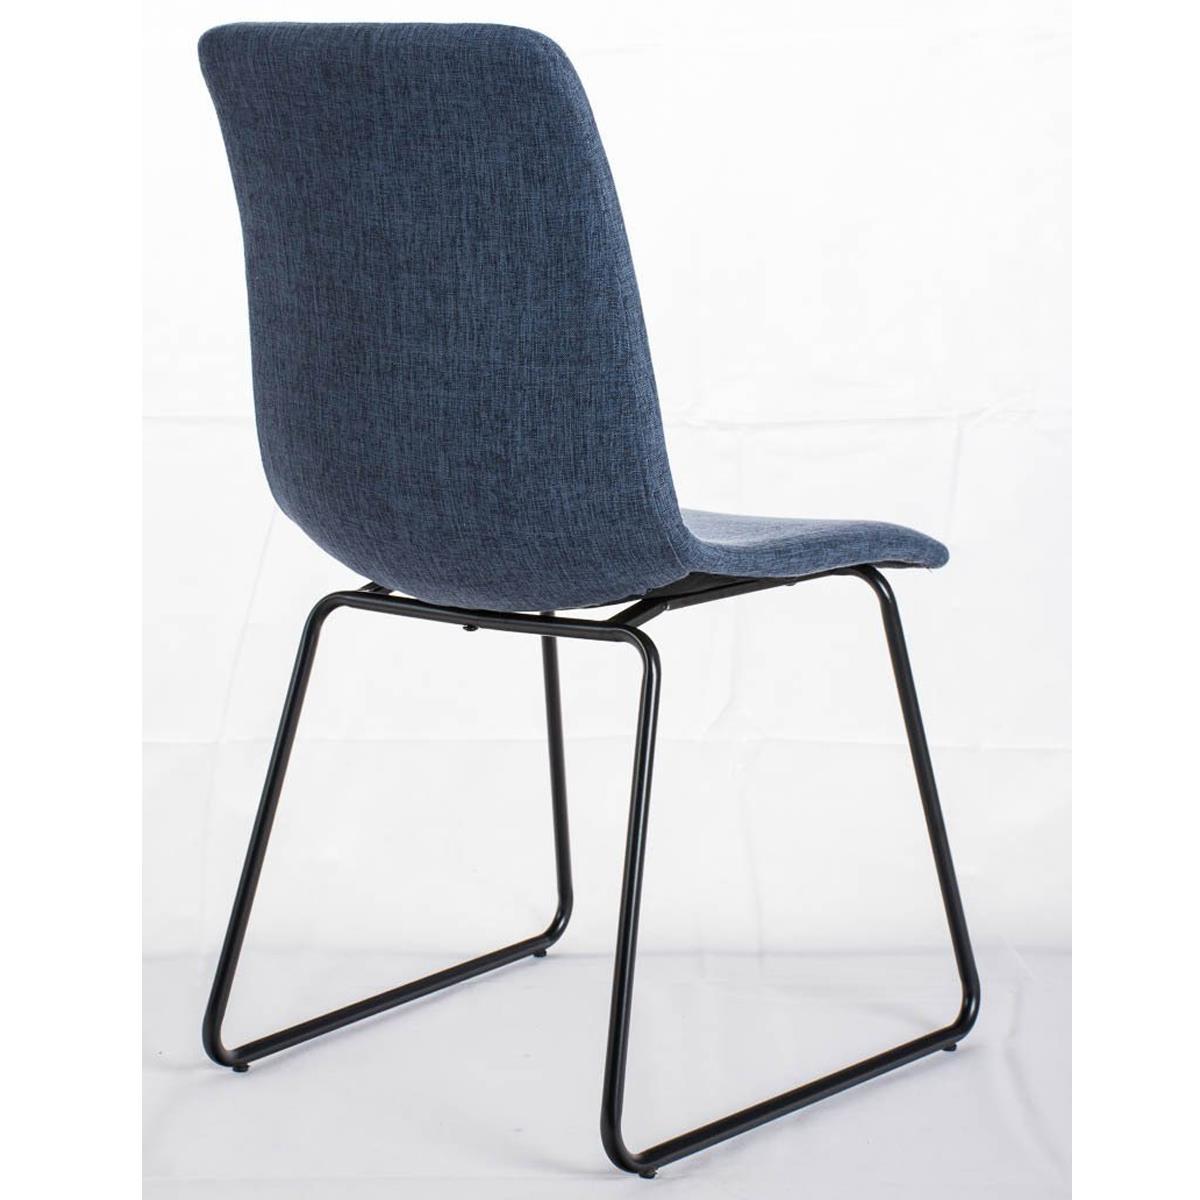 Silla de comedor marina color azul y patas met licas for Comedor sillas de colores